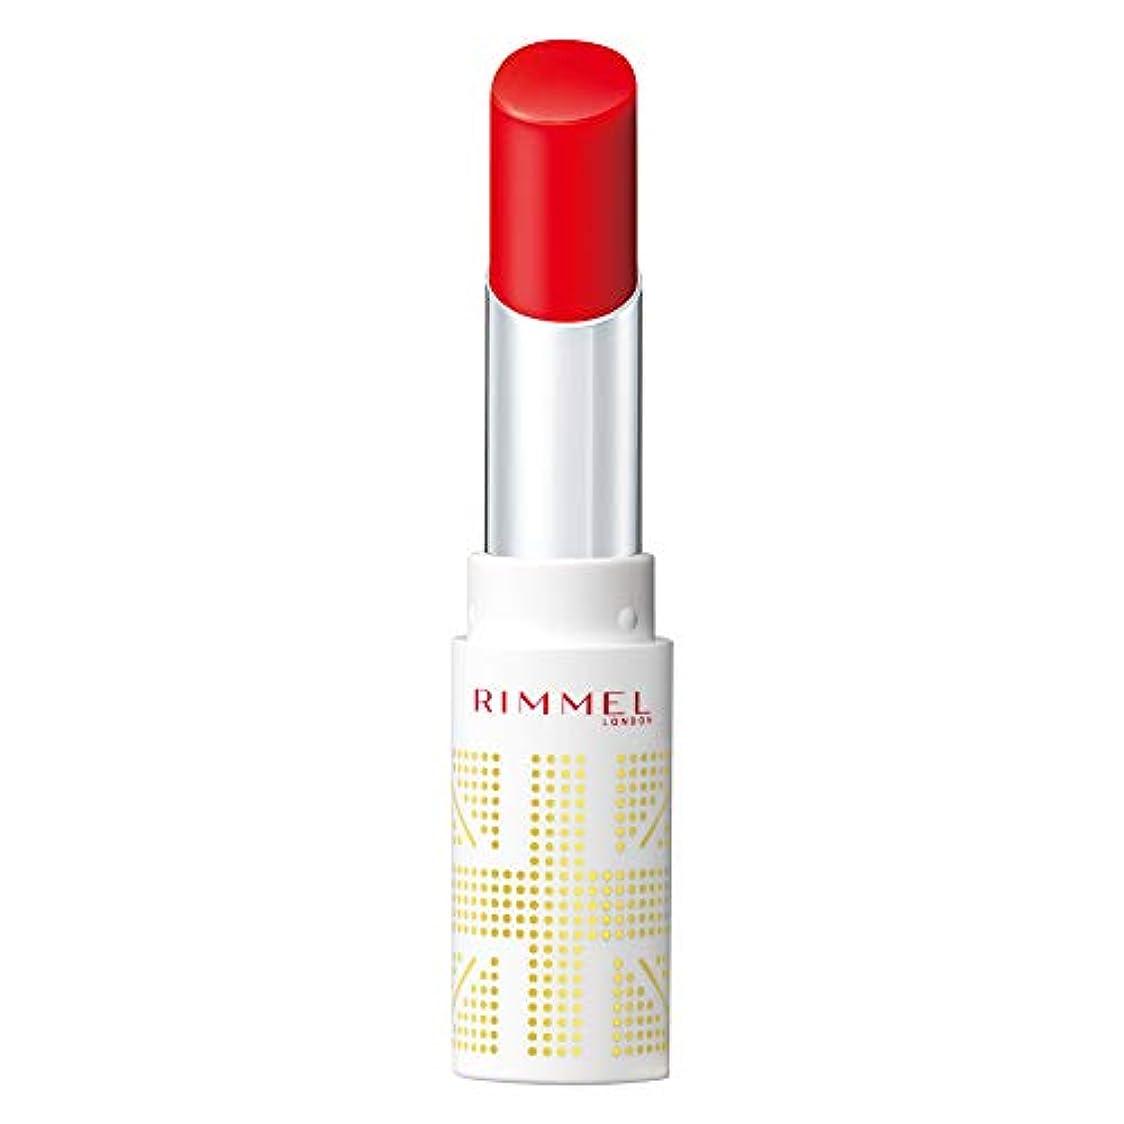 独占進化反映するRimmel (リンメル) リンメル ラスティングフィニッシュ オイルティントリップ 002 マンダリンレッド 3.8g 口紅